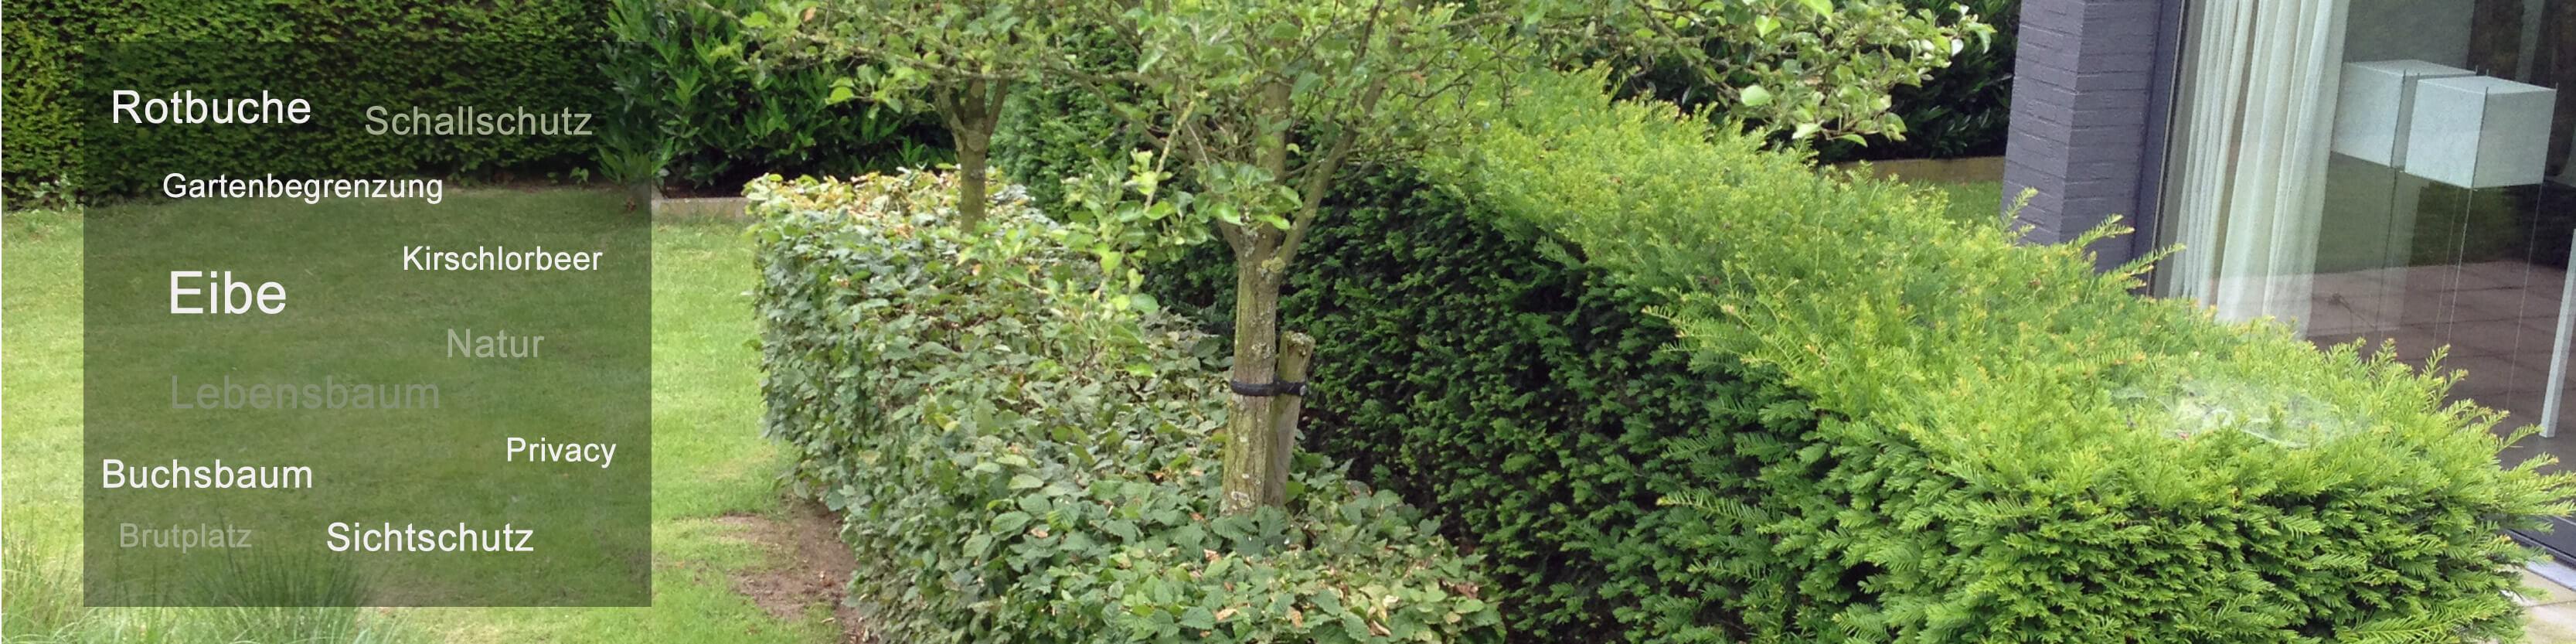 Heckenpflanzen von Intragarten - Thuja ab 1,50 Euro